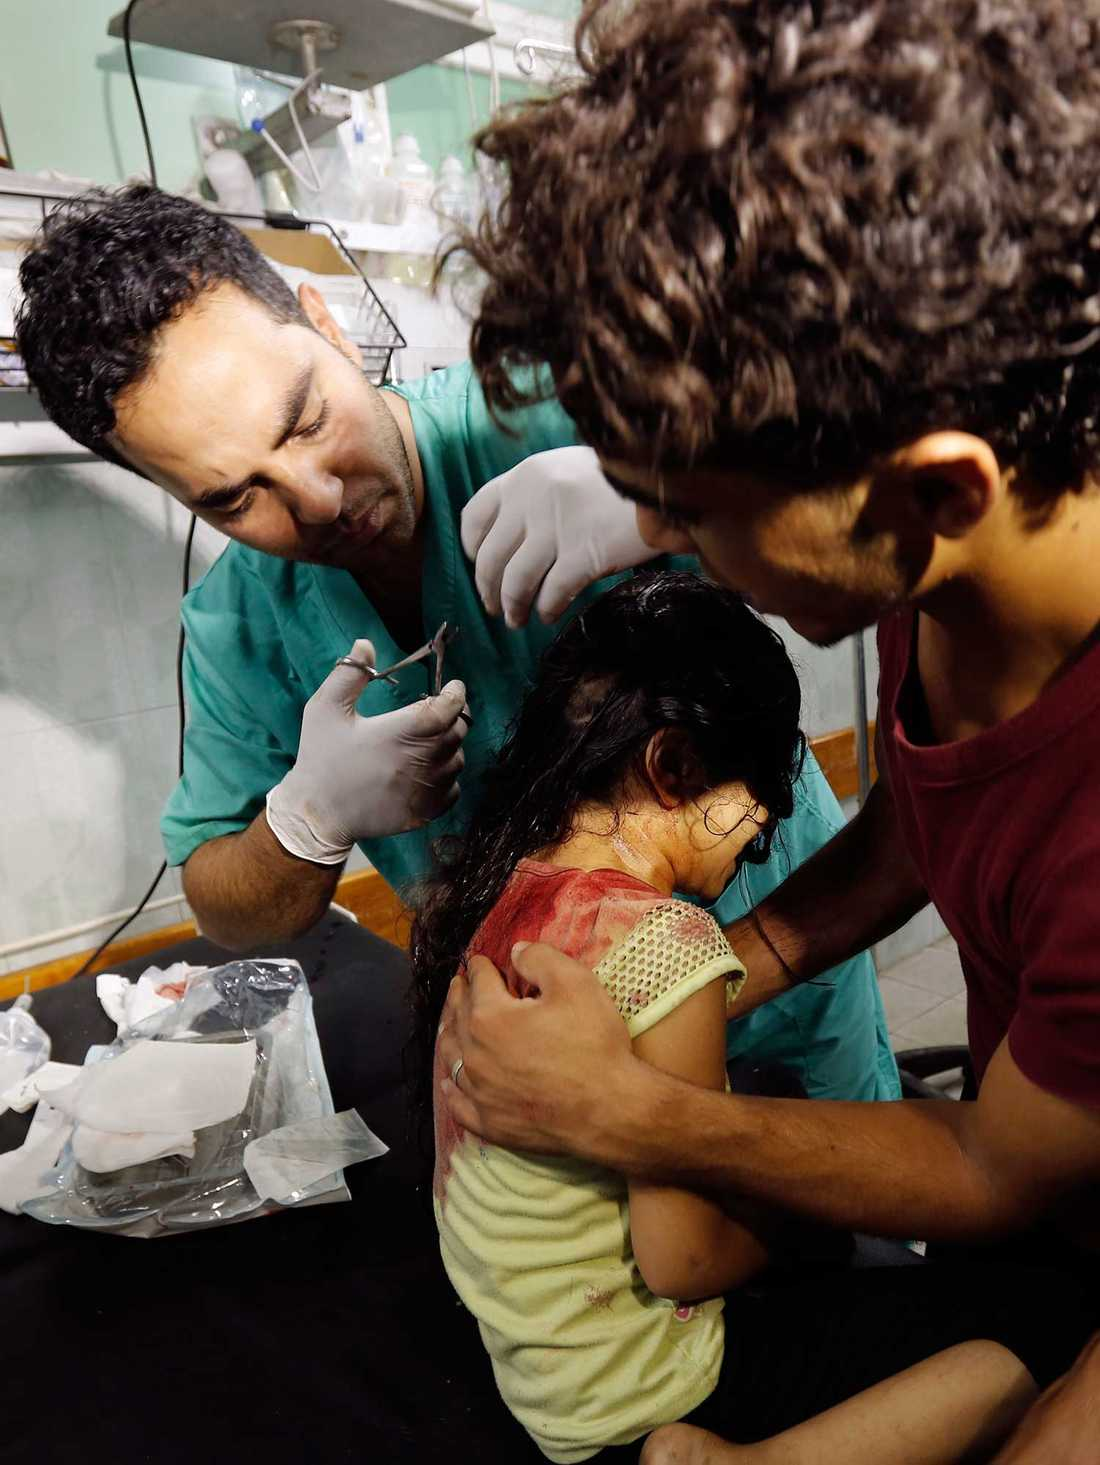 BOMB VID NY FN-SKOLA En skadad palestinsk flicka, som sökt skydd vid en FN-skola, får vård för sina skador på Kamal Edwan-sjukhuset i Beit Lahia i norra Gaza. I dag föll också ytterligare bomber nära FN-skolan i Jabalia som attackerades i går. 15 palestinier ska ha skadats i den attacken.